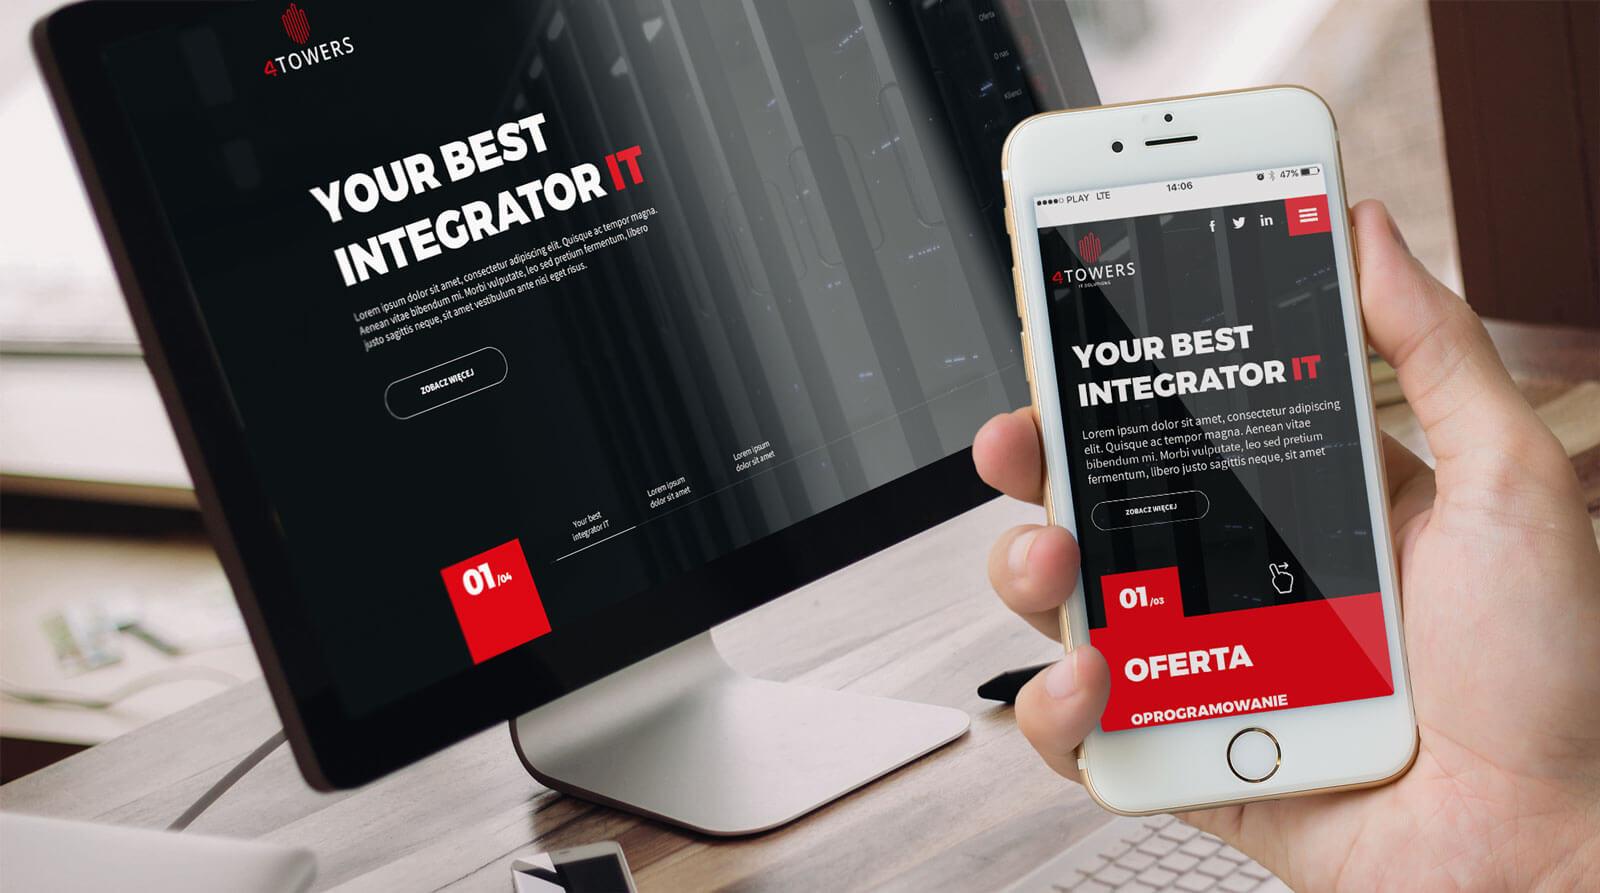 Rzut projektu strony www dla 4towers - integratora rozwiązań IT